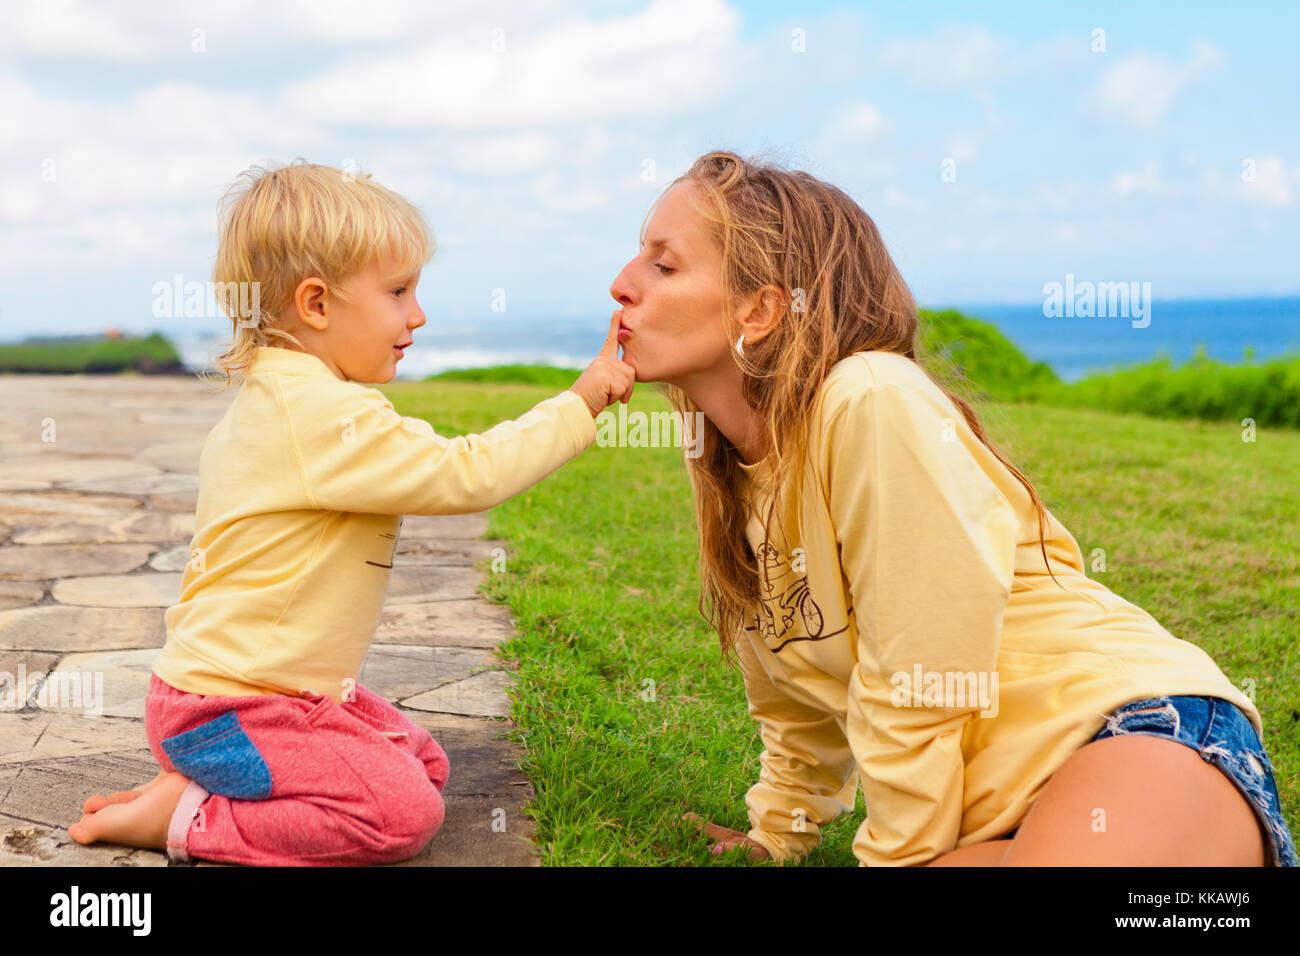 Happy Family auf Außen laufen. Kind sitzen auf grünem Rasen Spaß haben. Junge attraktive Mutter küssen Stockbild